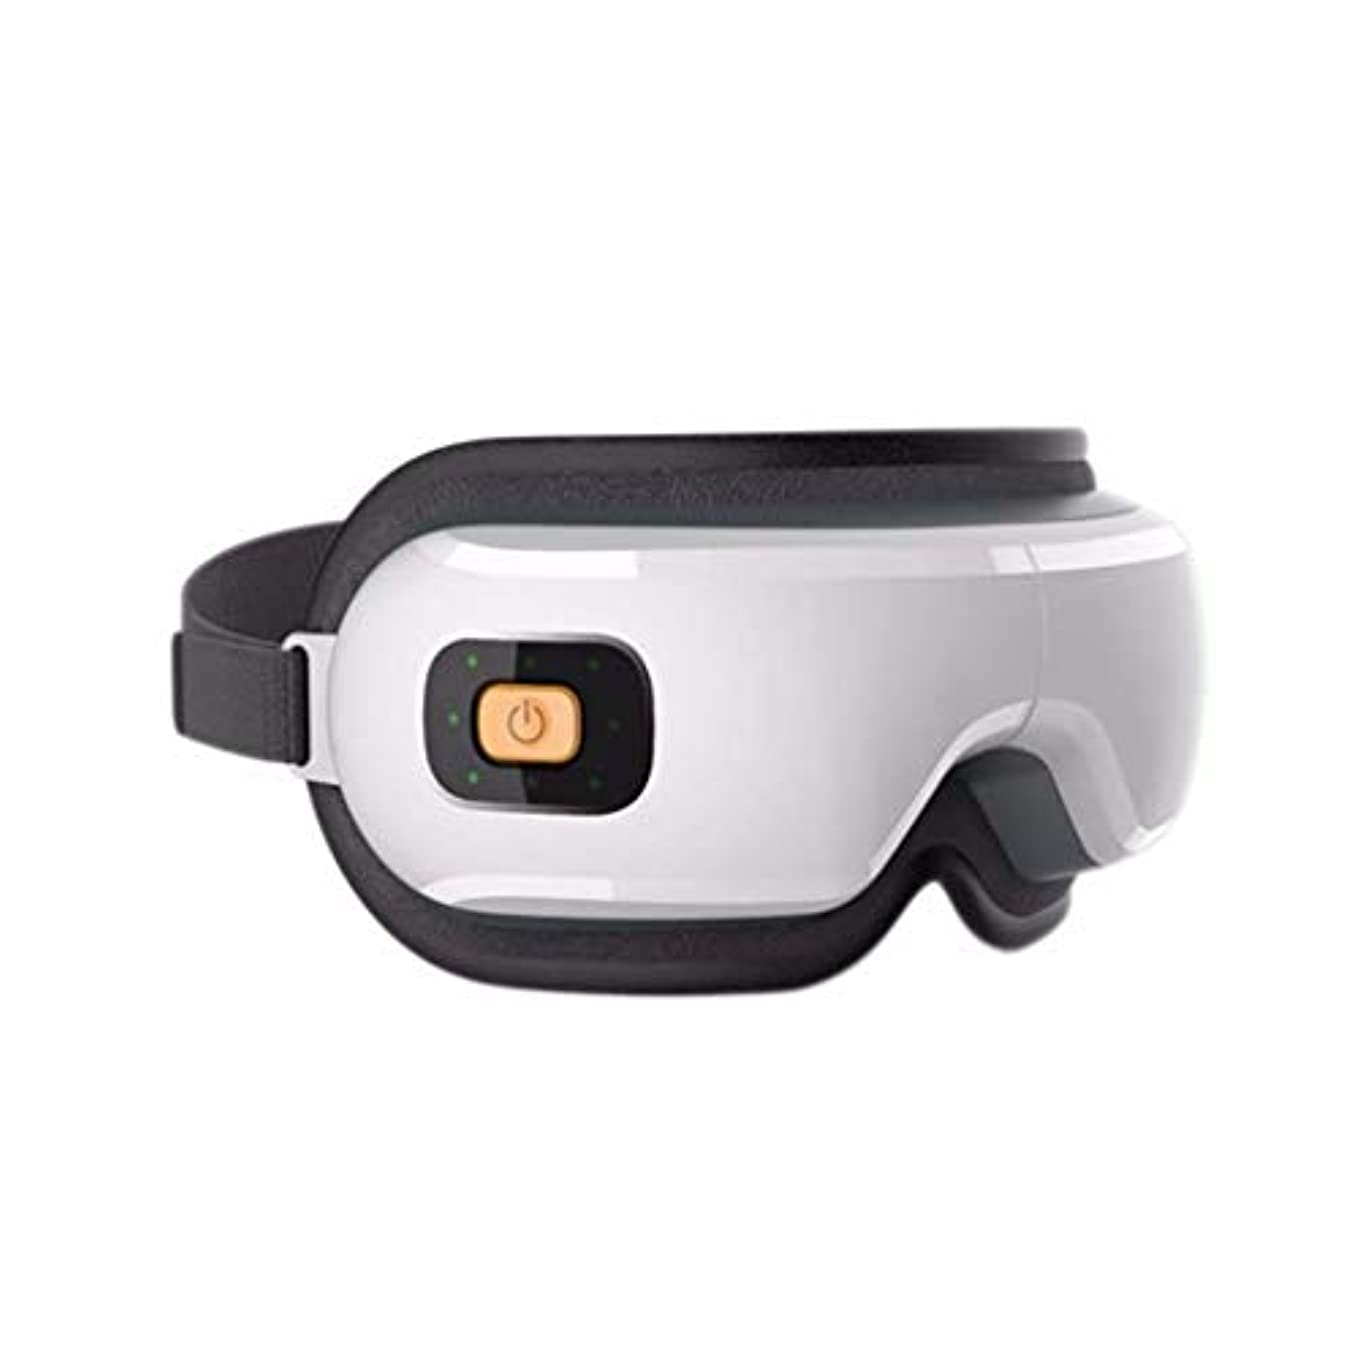 を通して結晶脇にアイマッサージャー、電動ポータブルアイマッサージツール、USB充電、スマートアイケア、加熱/振動/音楽/リラックス、アイバッグとダークサークルの緩和、目の疲労 (Color : 白)